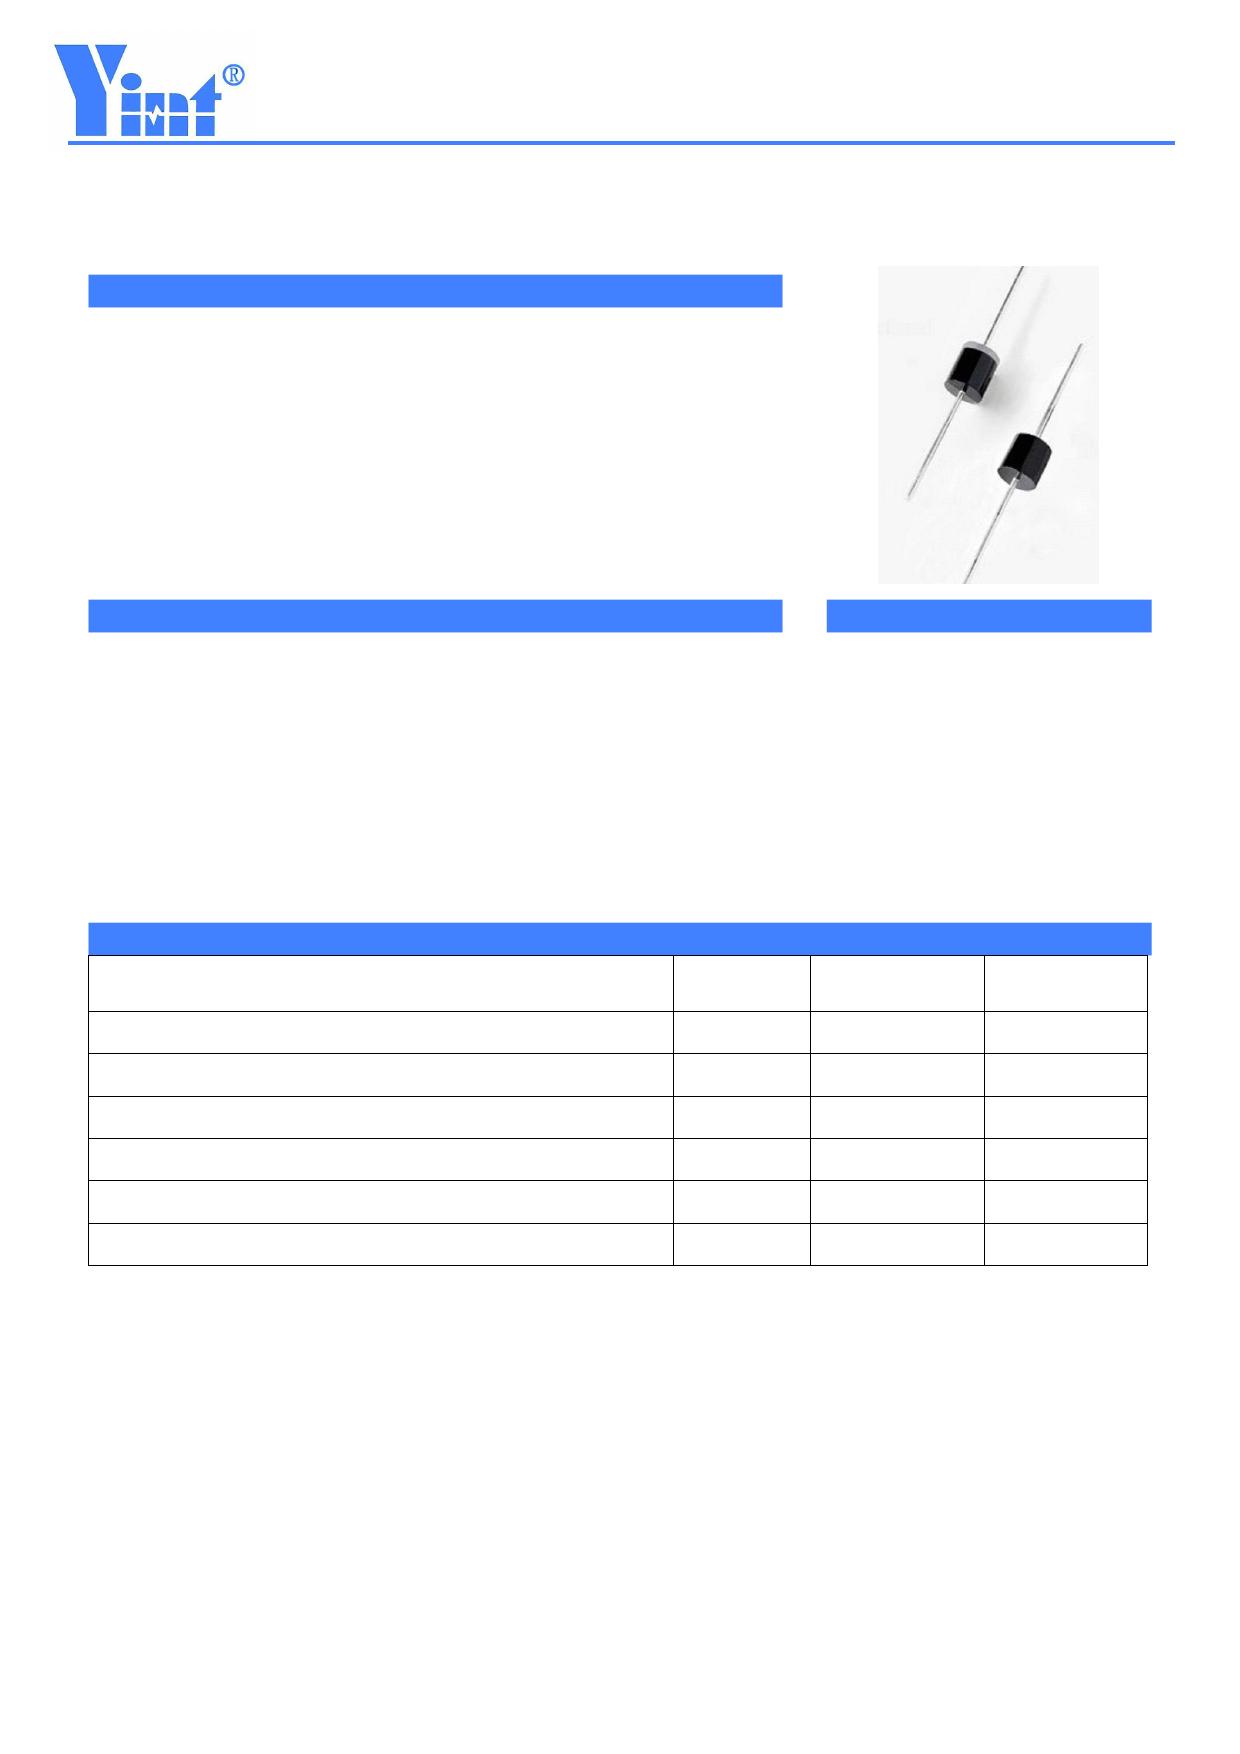 3.0KP18A datasheet